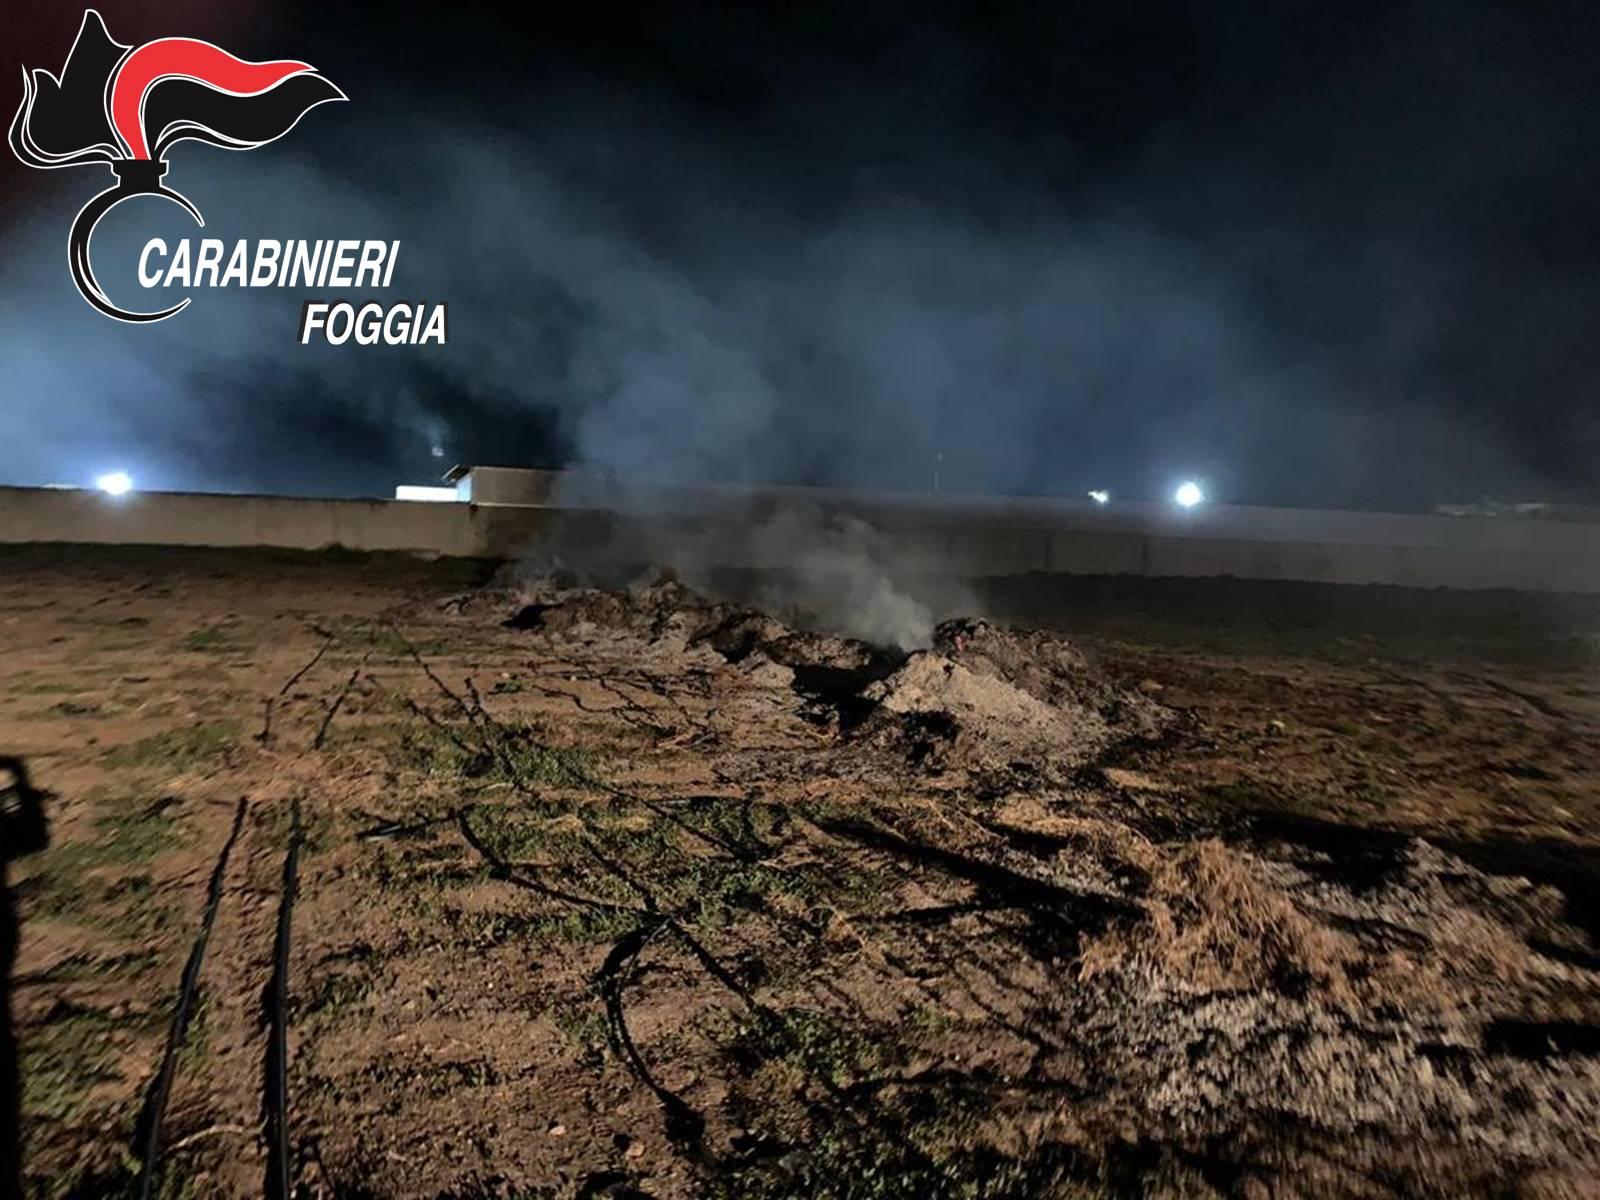 Photo of Fuochi tossici: i carabinieri battono le campagne alla ricerca dei responsabili